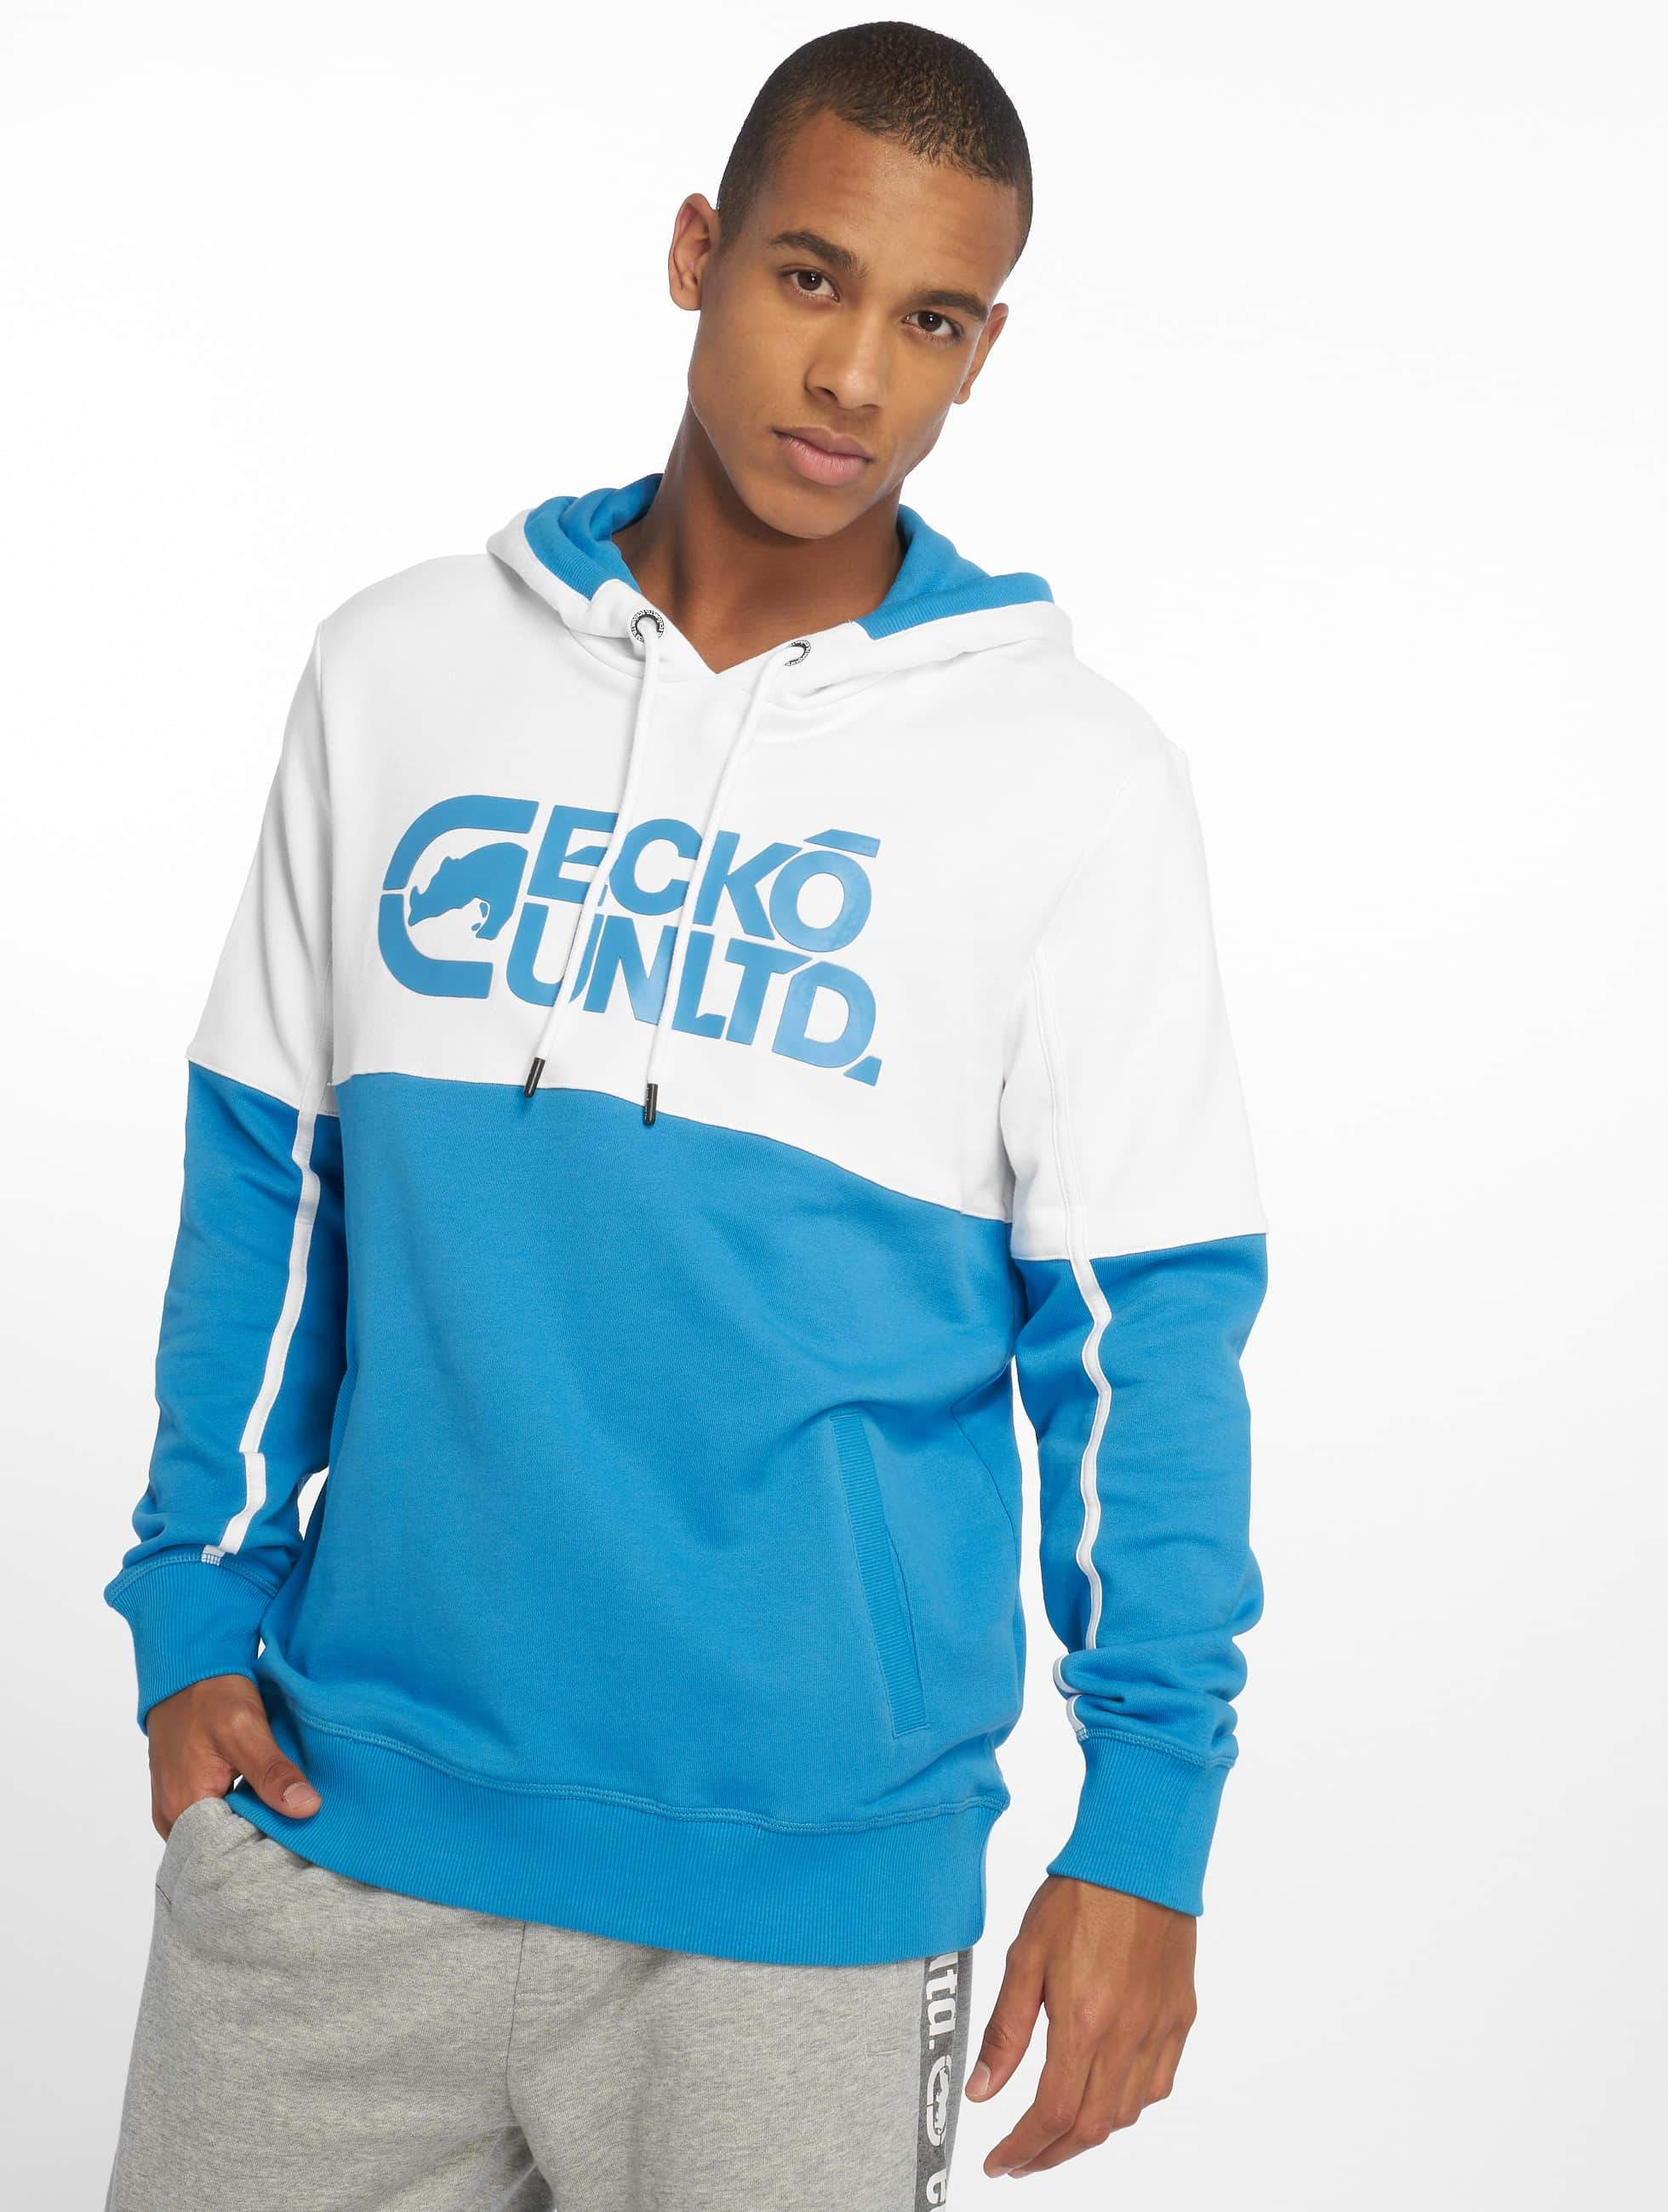 Ecko Unltd. / Hoodie Morgen Hill in blue XL